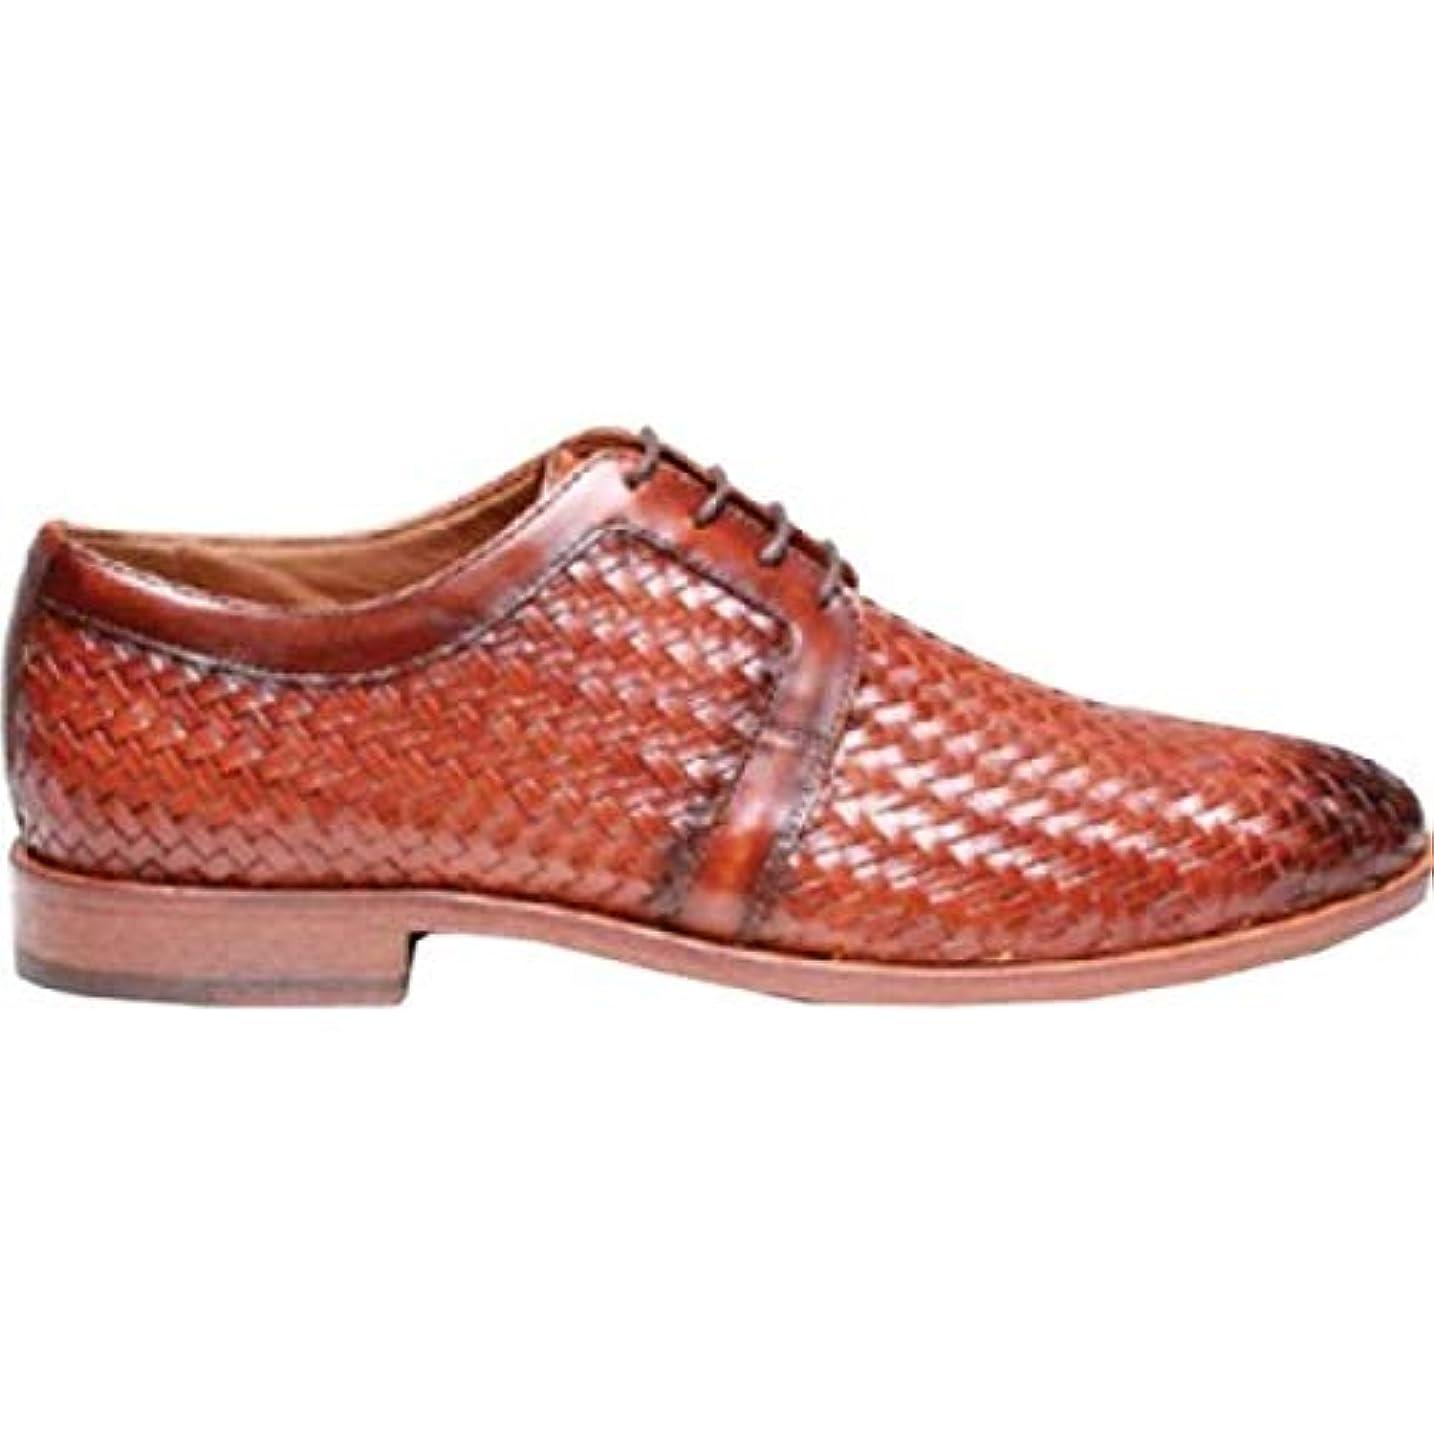 ウォルターカニンガム適度なダイアクリティカル(ロバート タルボット) Robert Talbott メンズ シューズ?靴 革靴?ビジネスシューズ Bolinas Woven Derby [並行輸入品]